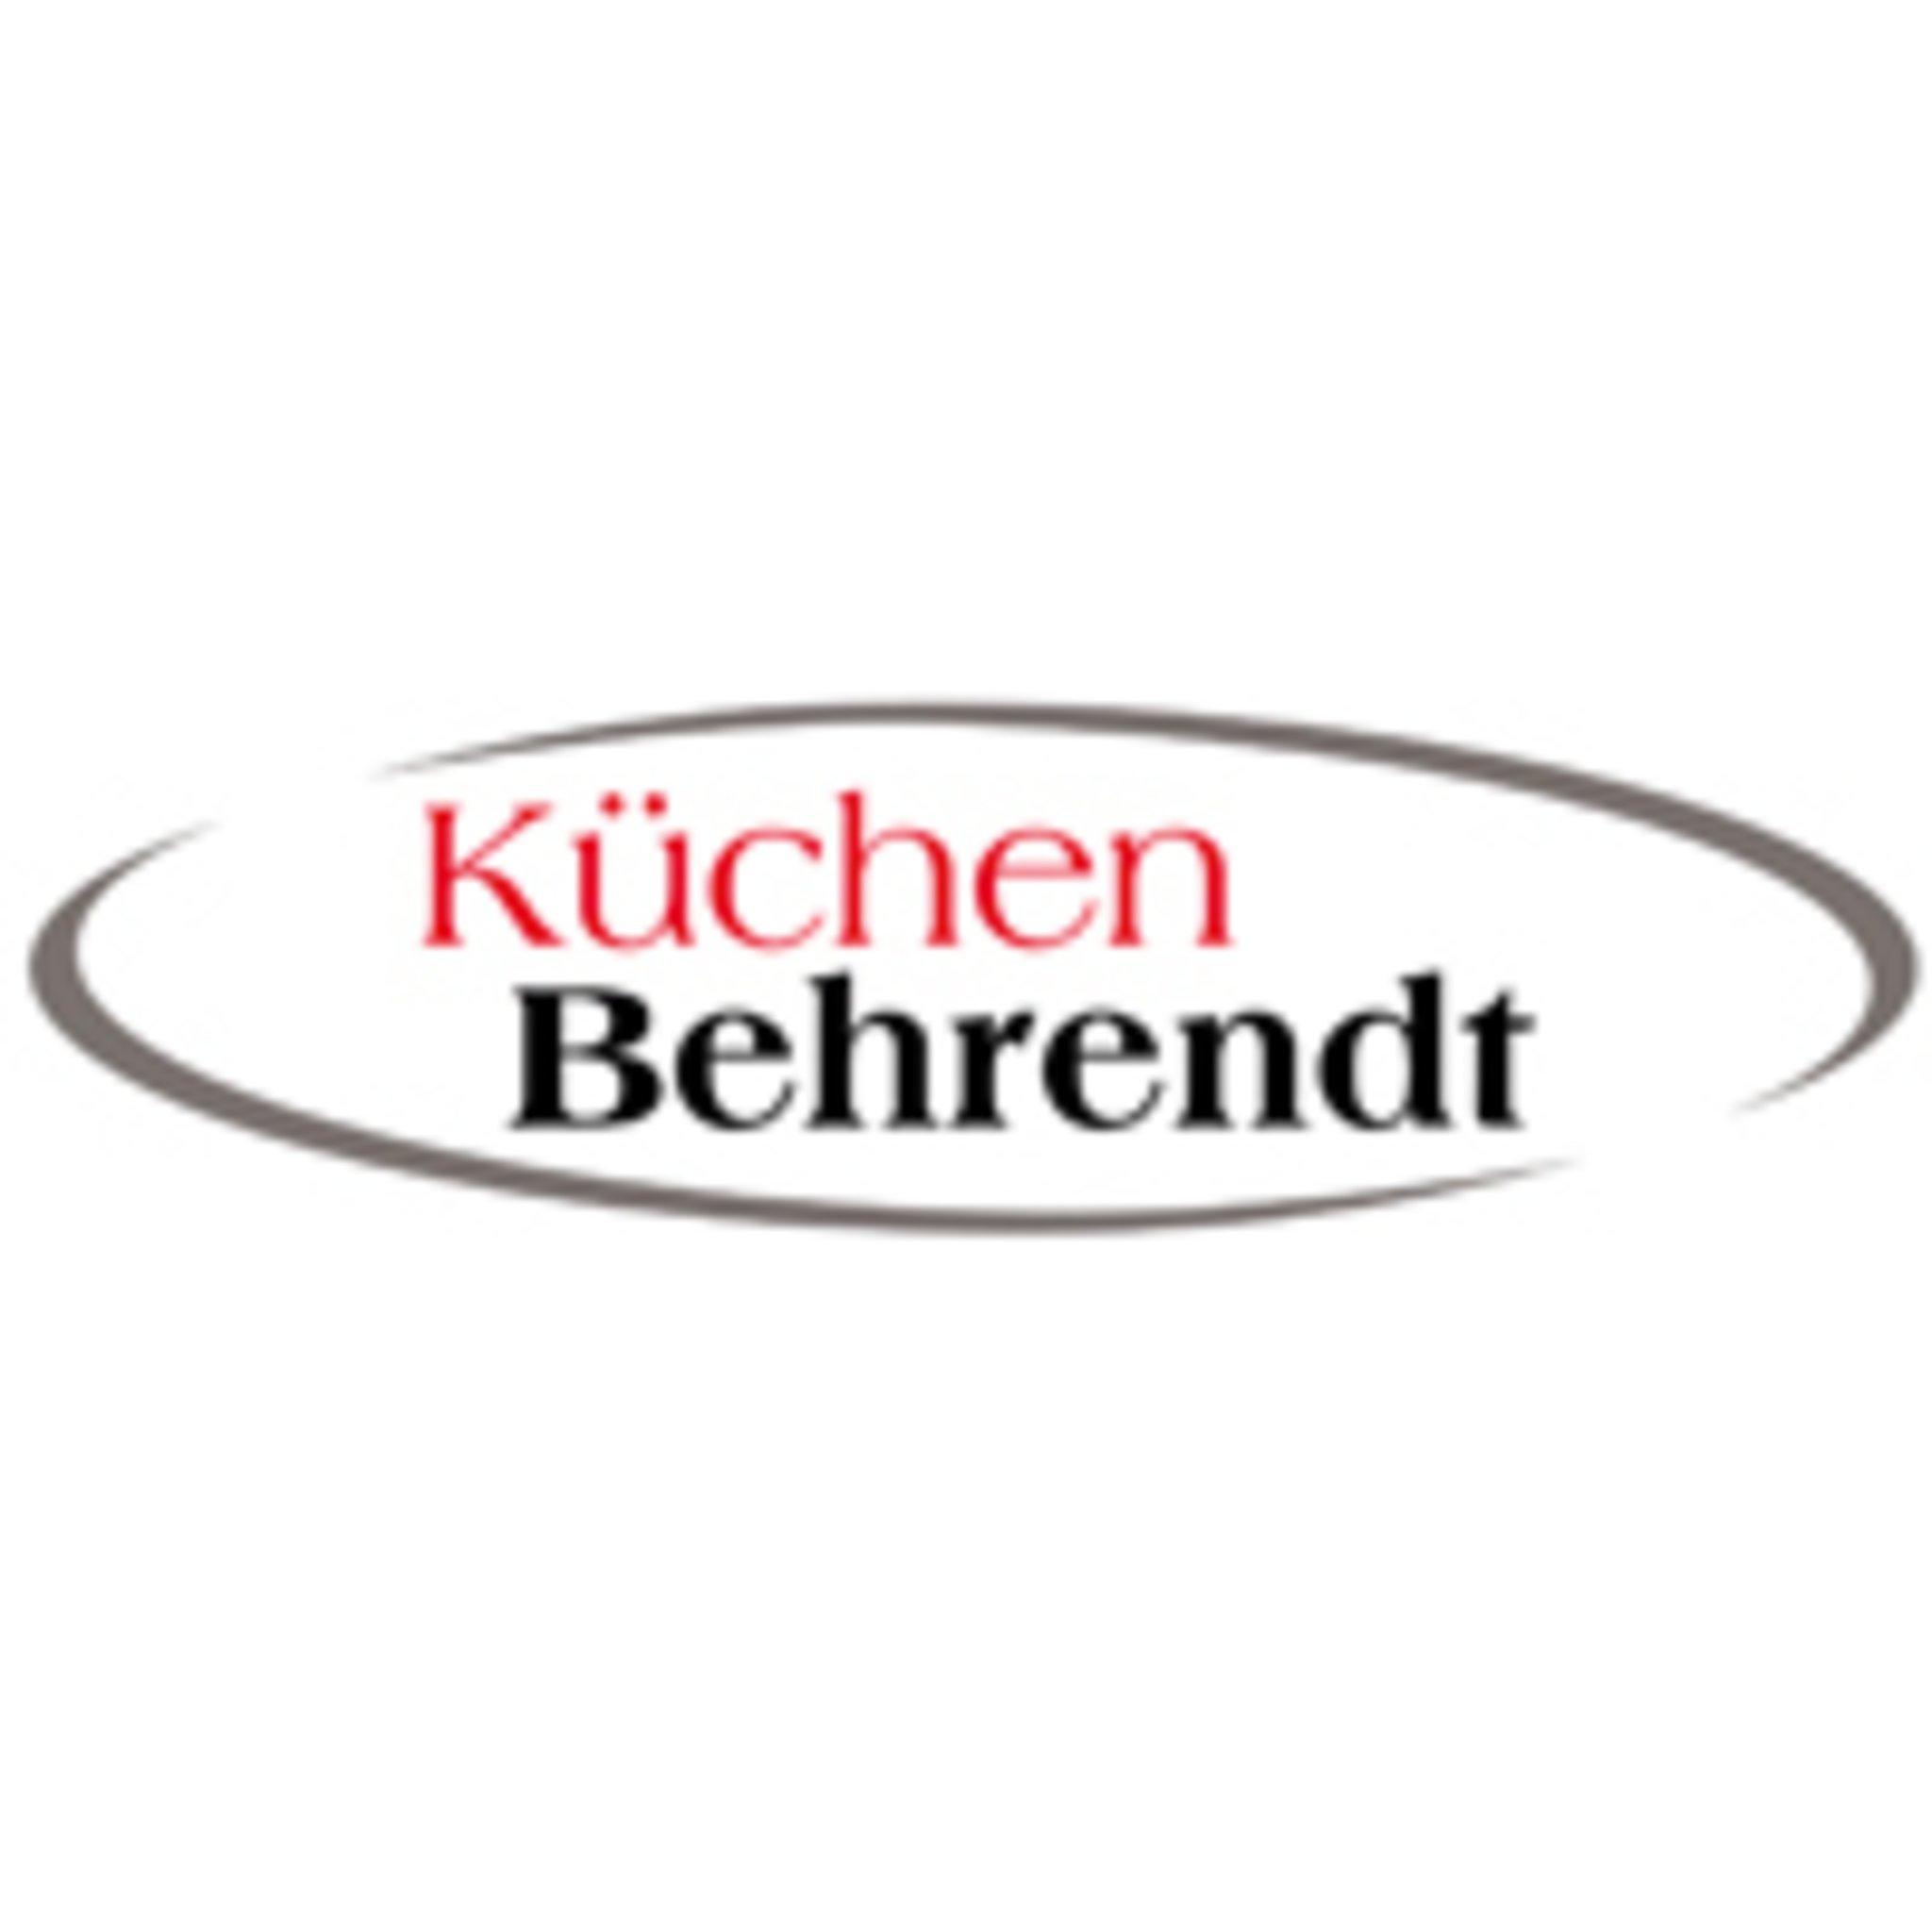 Küchen Behrendt aus Bochum - Lokalkompass